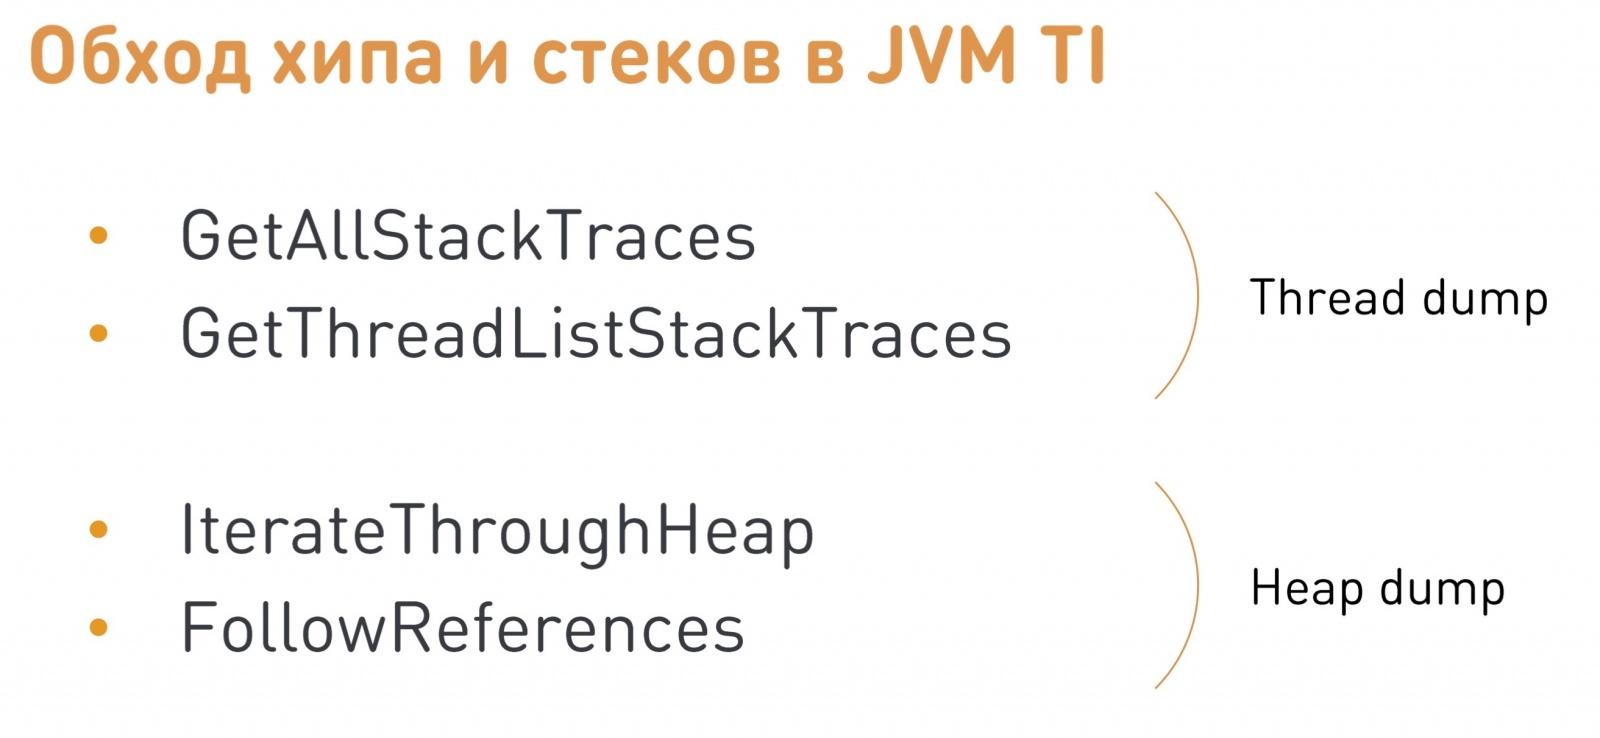 JVM TI: как сделать плагин для виртуальной машины - 9